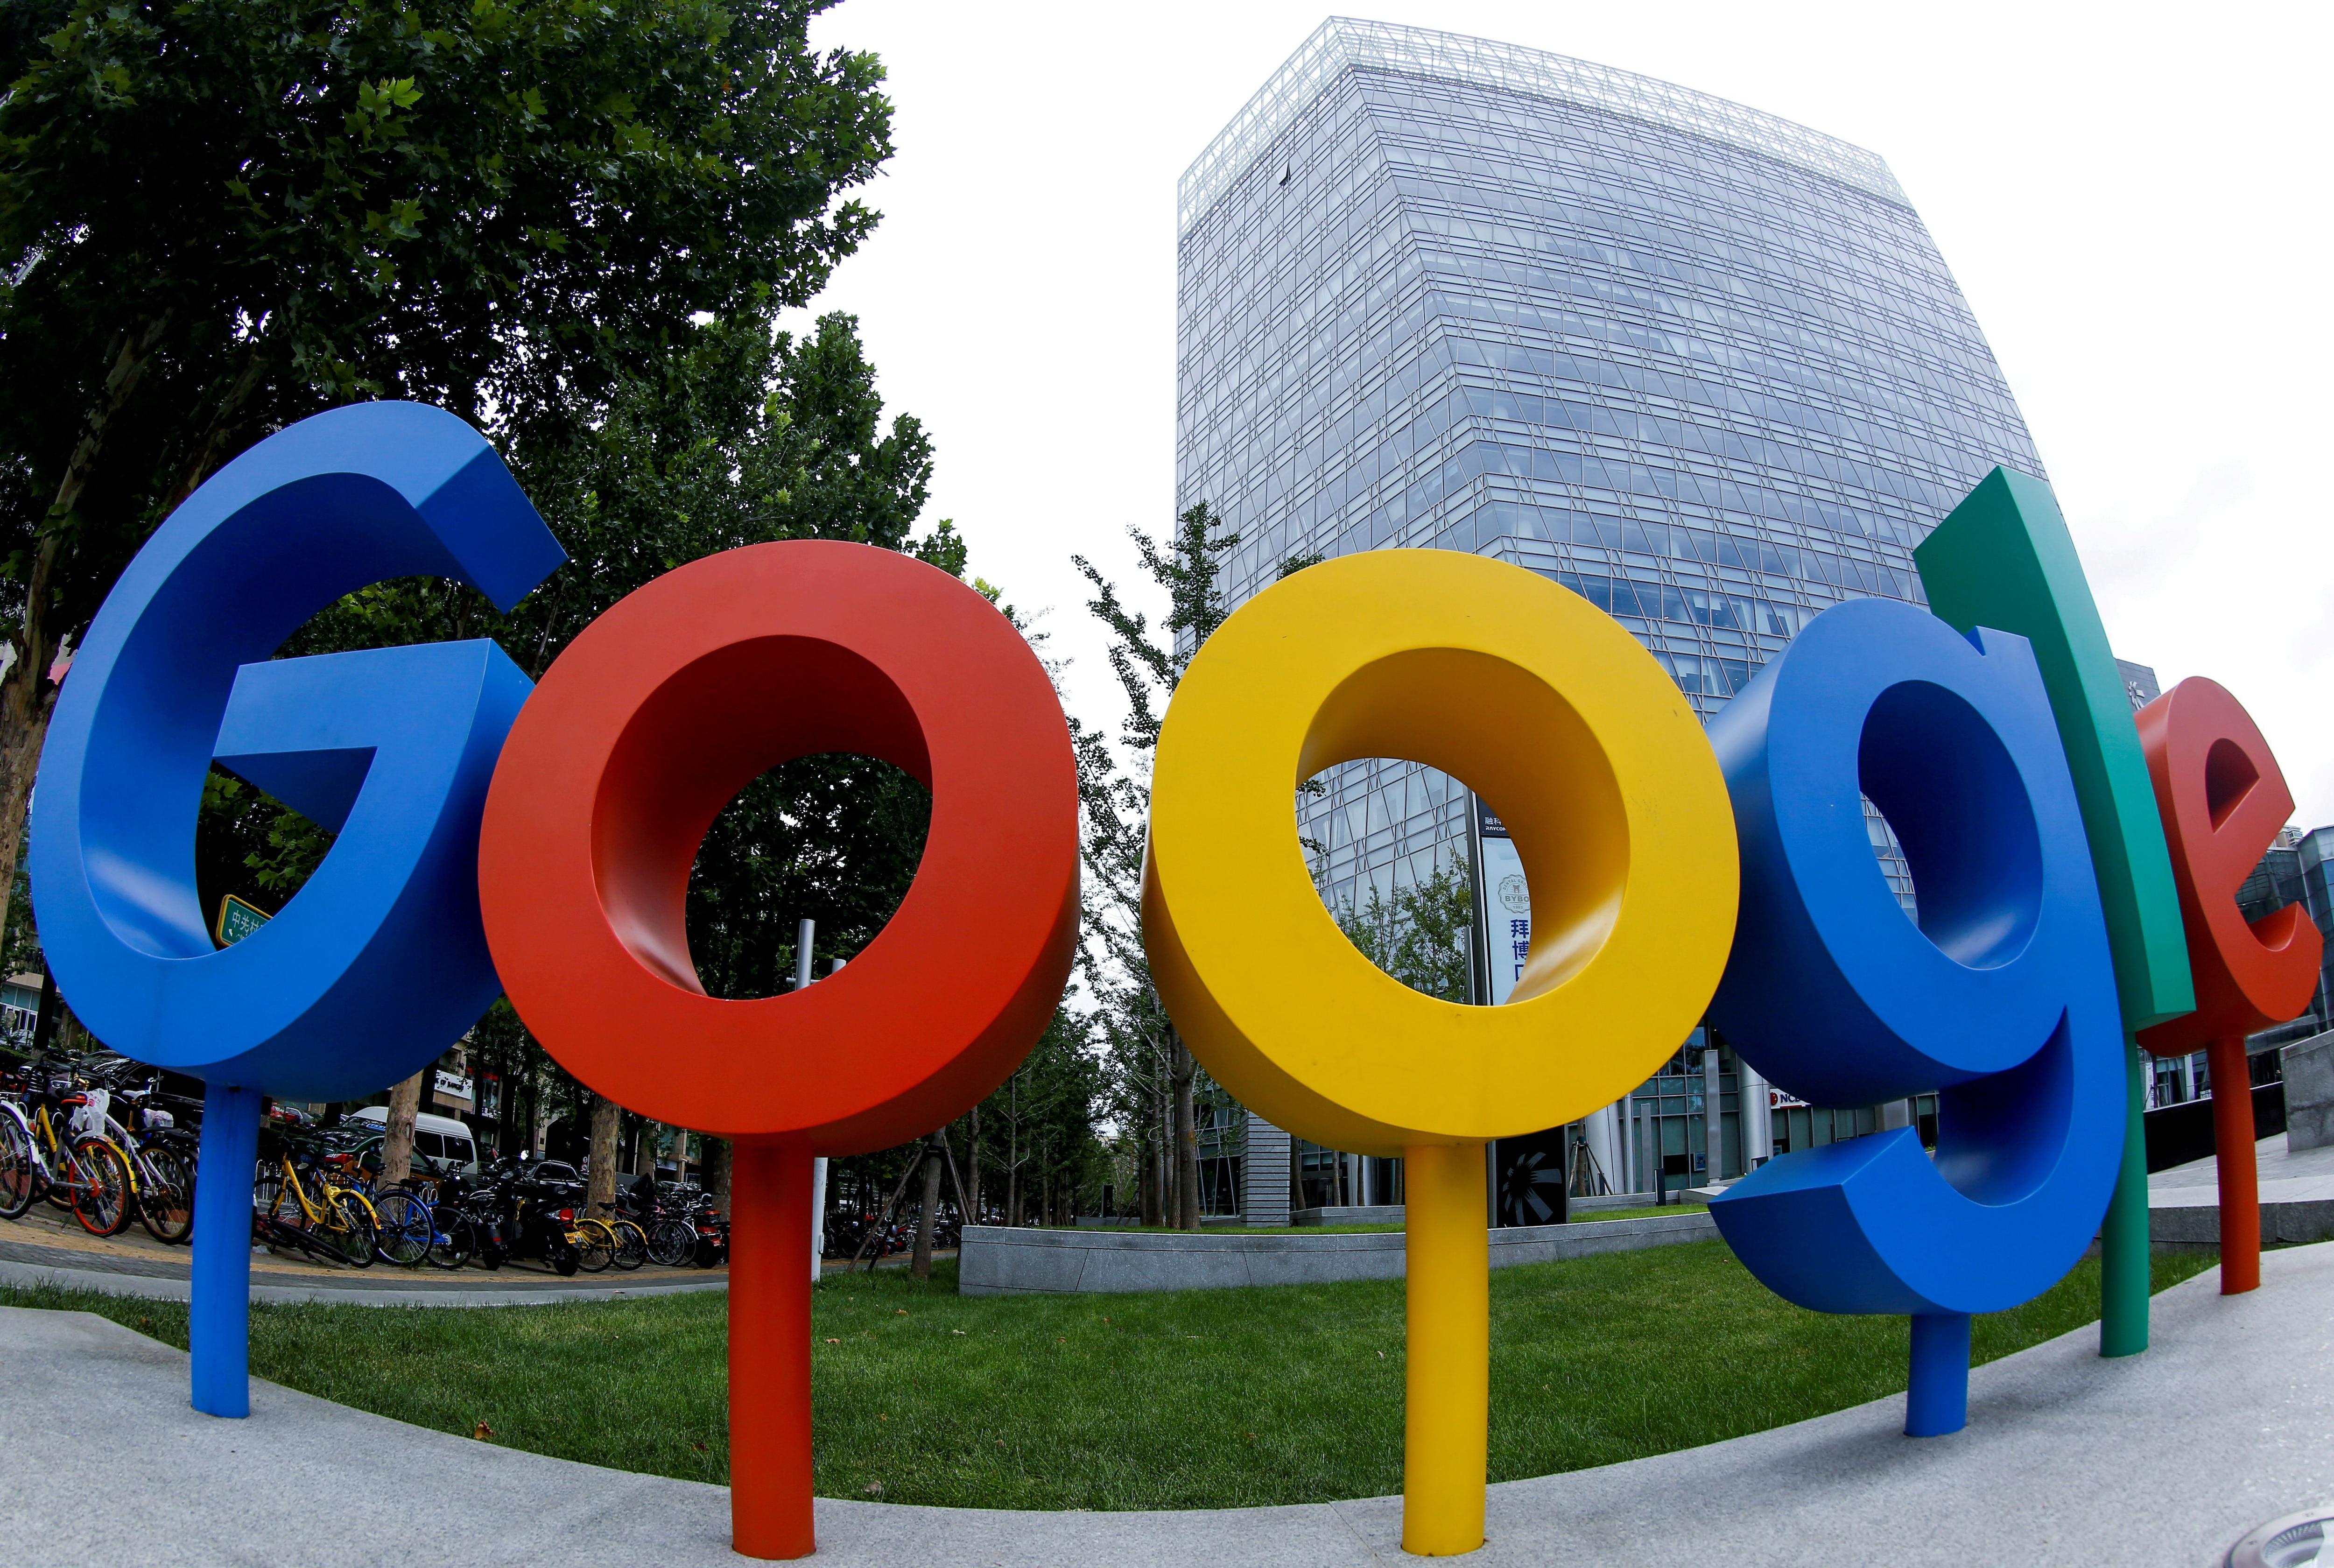 Alphabet, empresa matriz de Google, ocupa el segundo lugar en el ranking (REUTERS/Thomas Peter/File Photo)